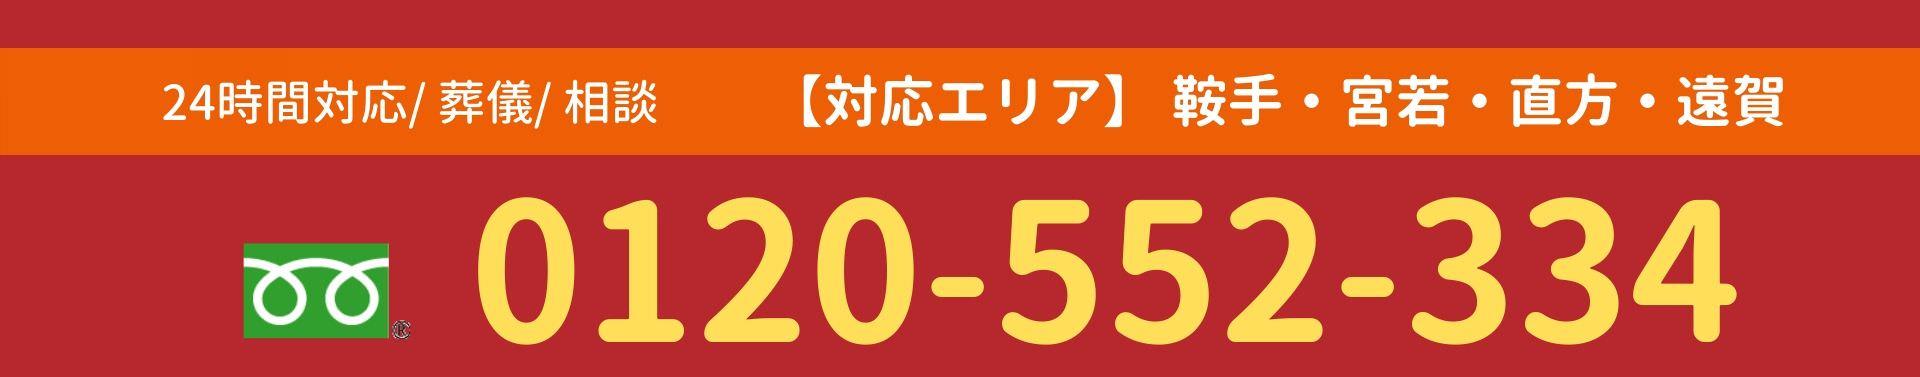 24時間対応/葬儀/相談ー対応エリア・鞍手・宮若・直方・遠賀